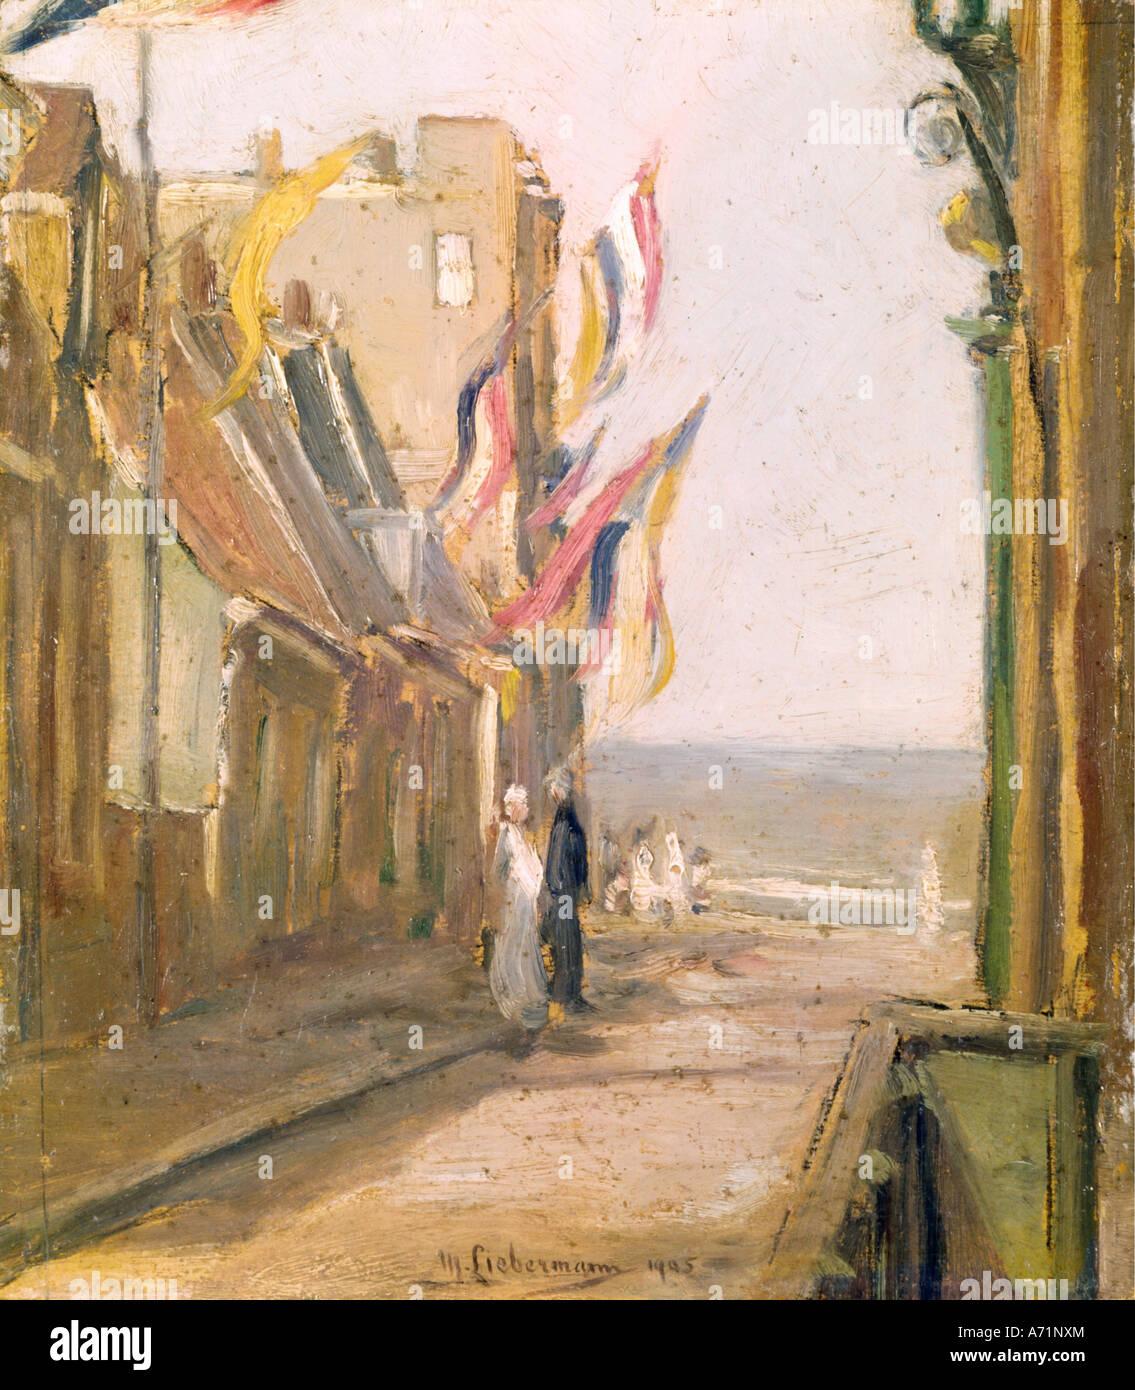 """""""Bellas Artes, Liebermann, Max (1847 - 1935), pintura, 'Feiertag' ('vacaciones'), de la propiedad Imagen De Stock"""